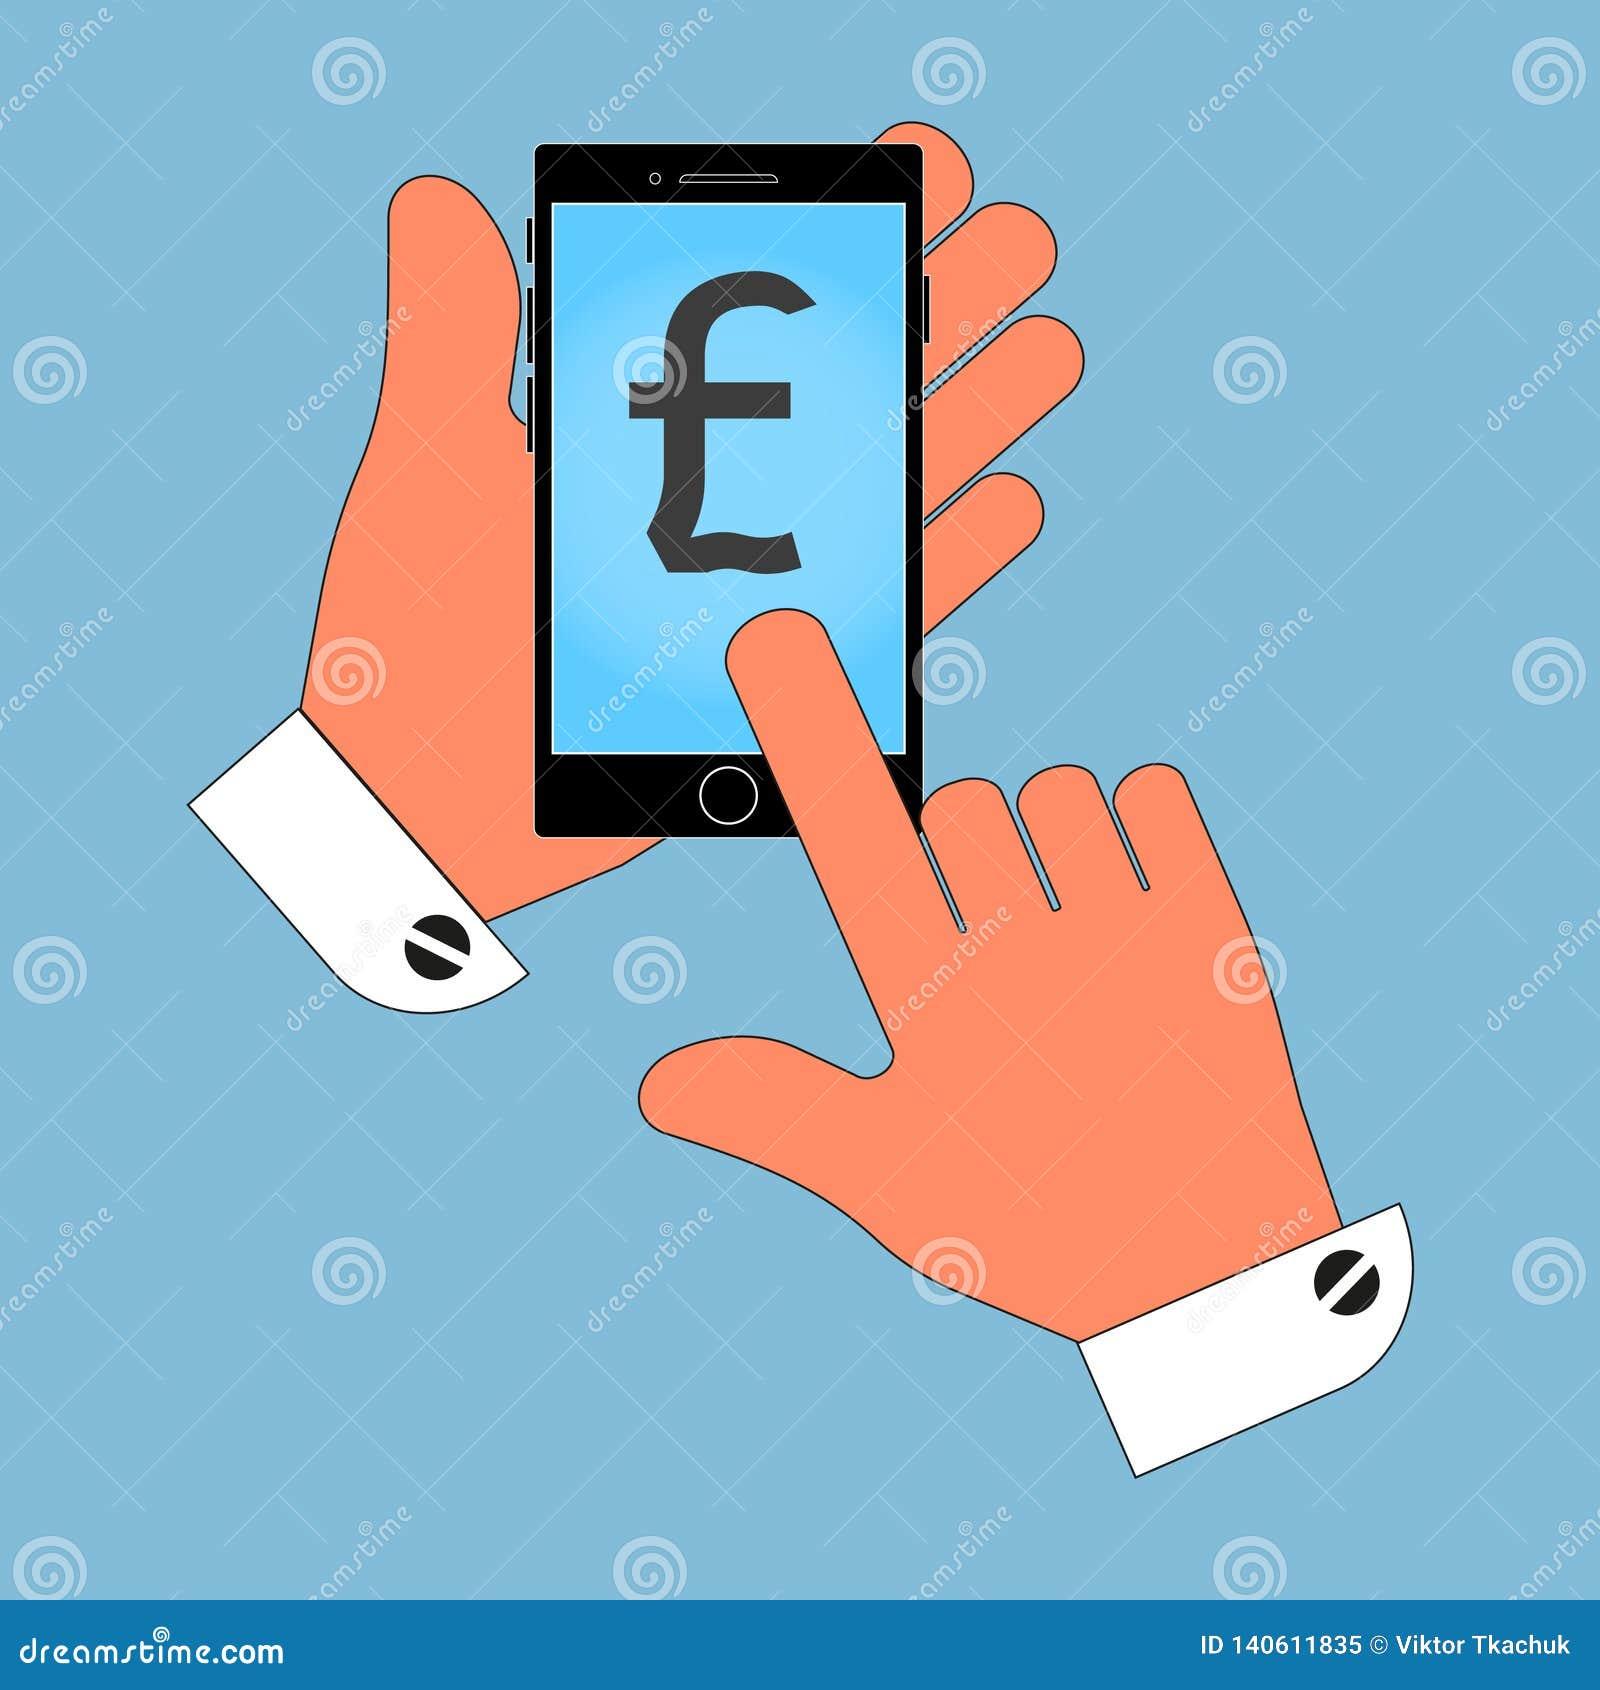 Значок телефона в руке, со значком английского фунта на экране, изоляция на голубой предпосылке